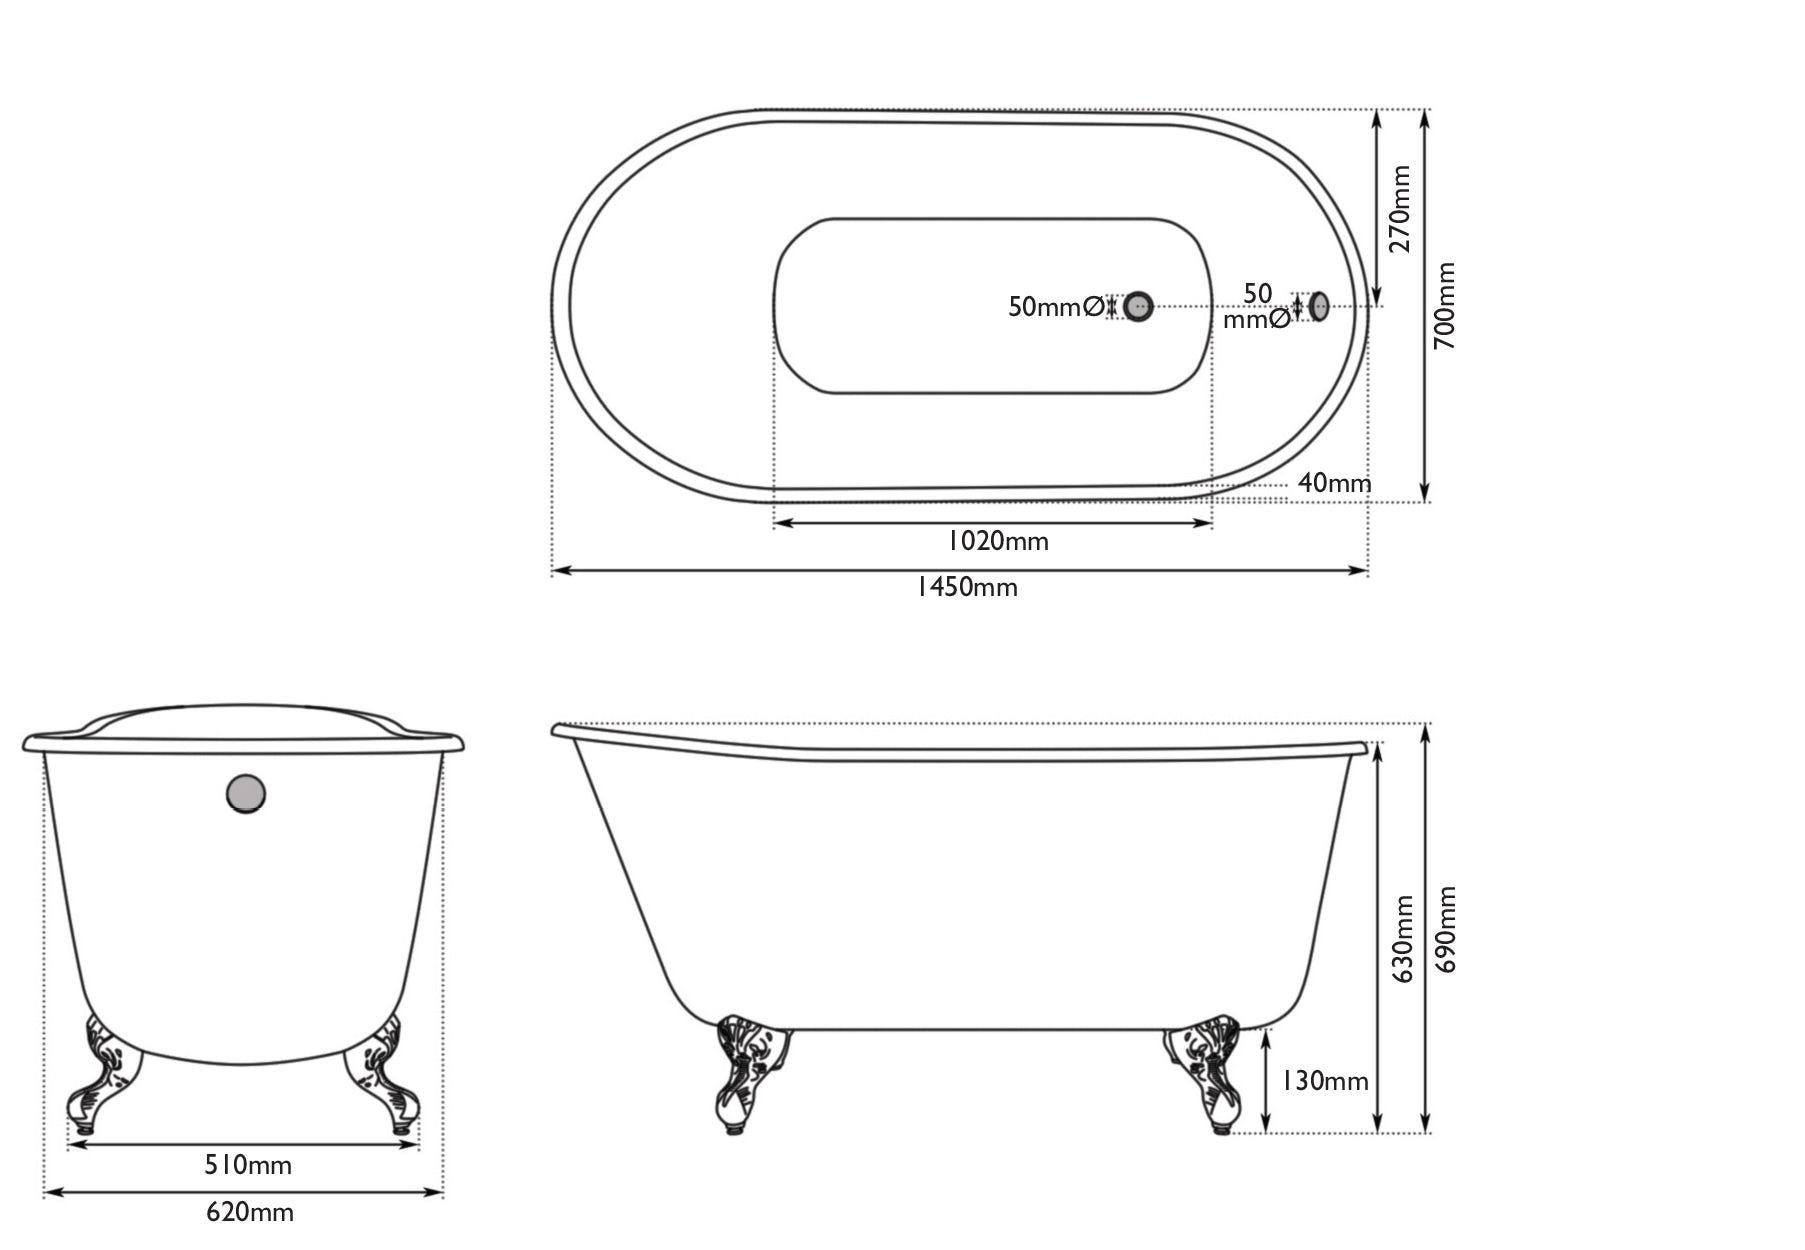 Dimensions for The Bath Co. Warwick keystone grey cast iron bath